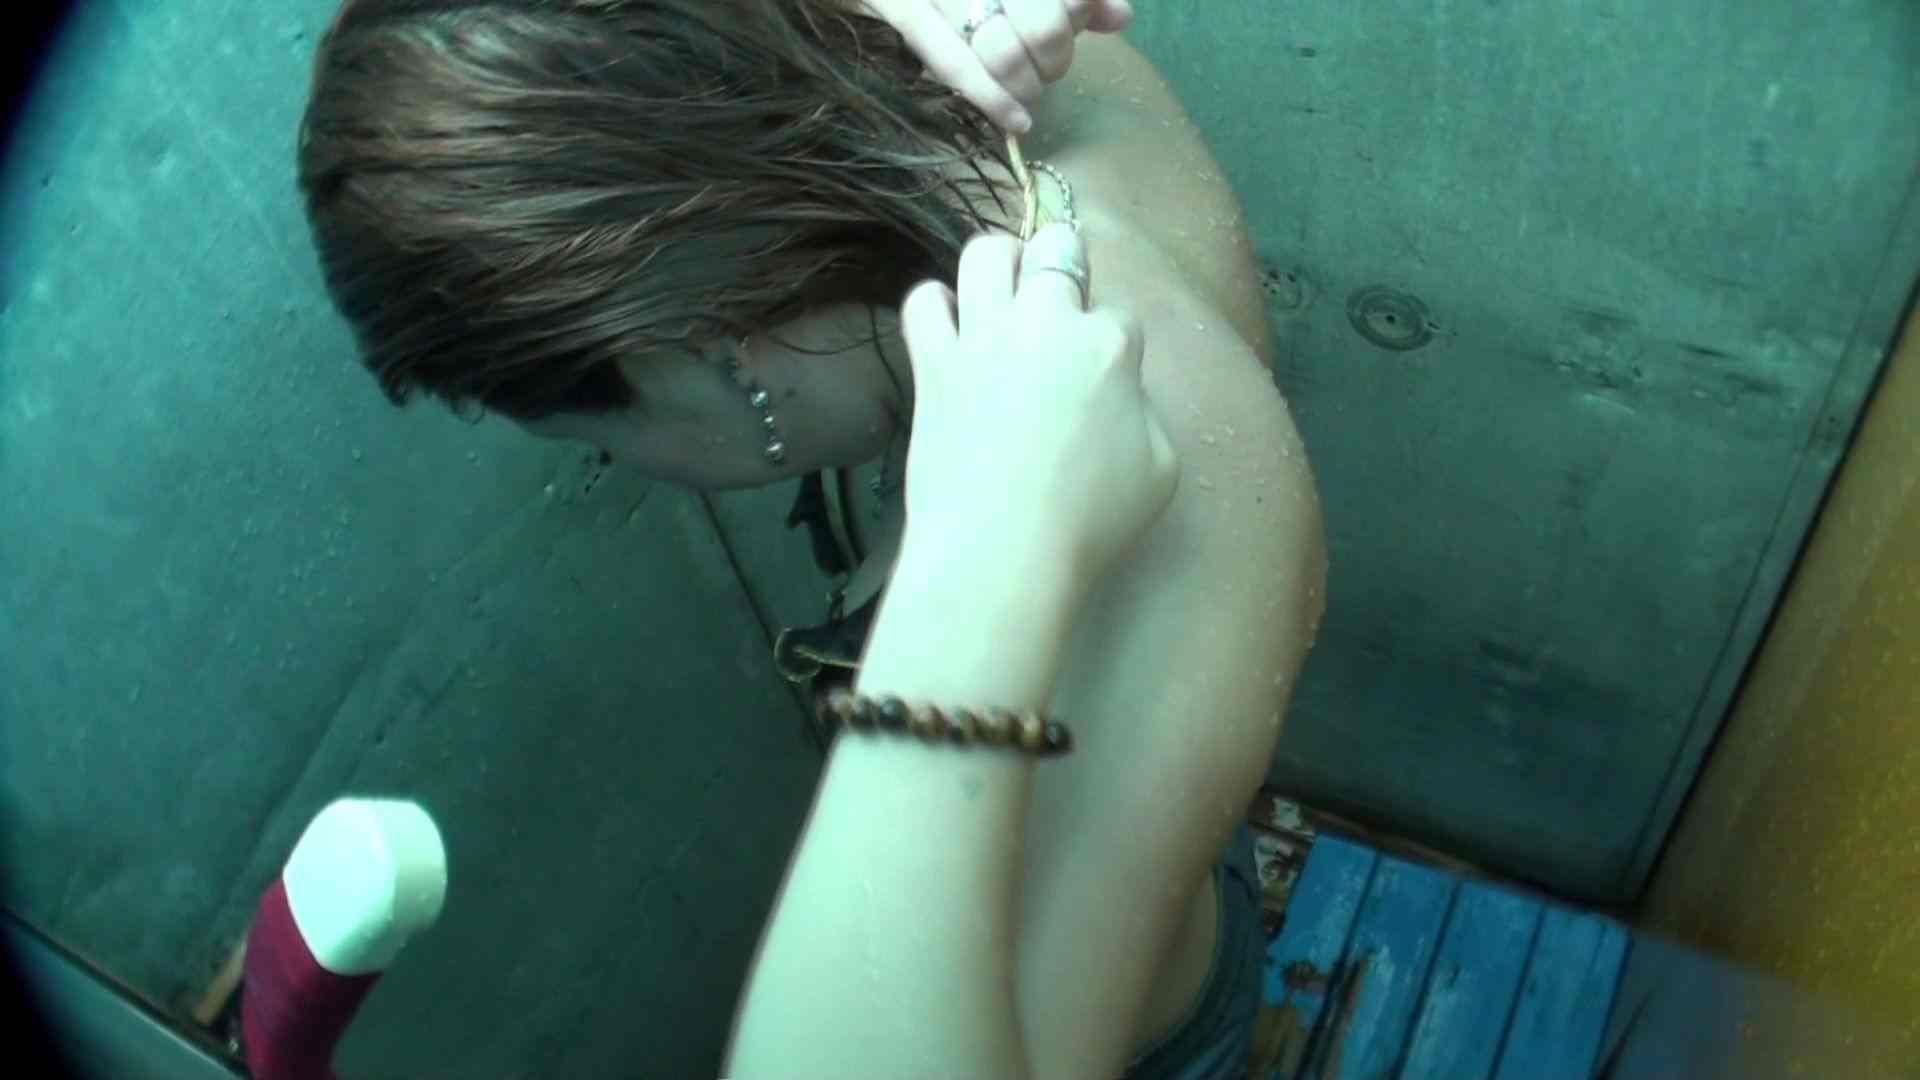 シャワールームは超!!危険な香りVol.19 顔だけ太った宇多田ヒカルのジラしのちら見せ 高画質 | シャワー  110PIX 19